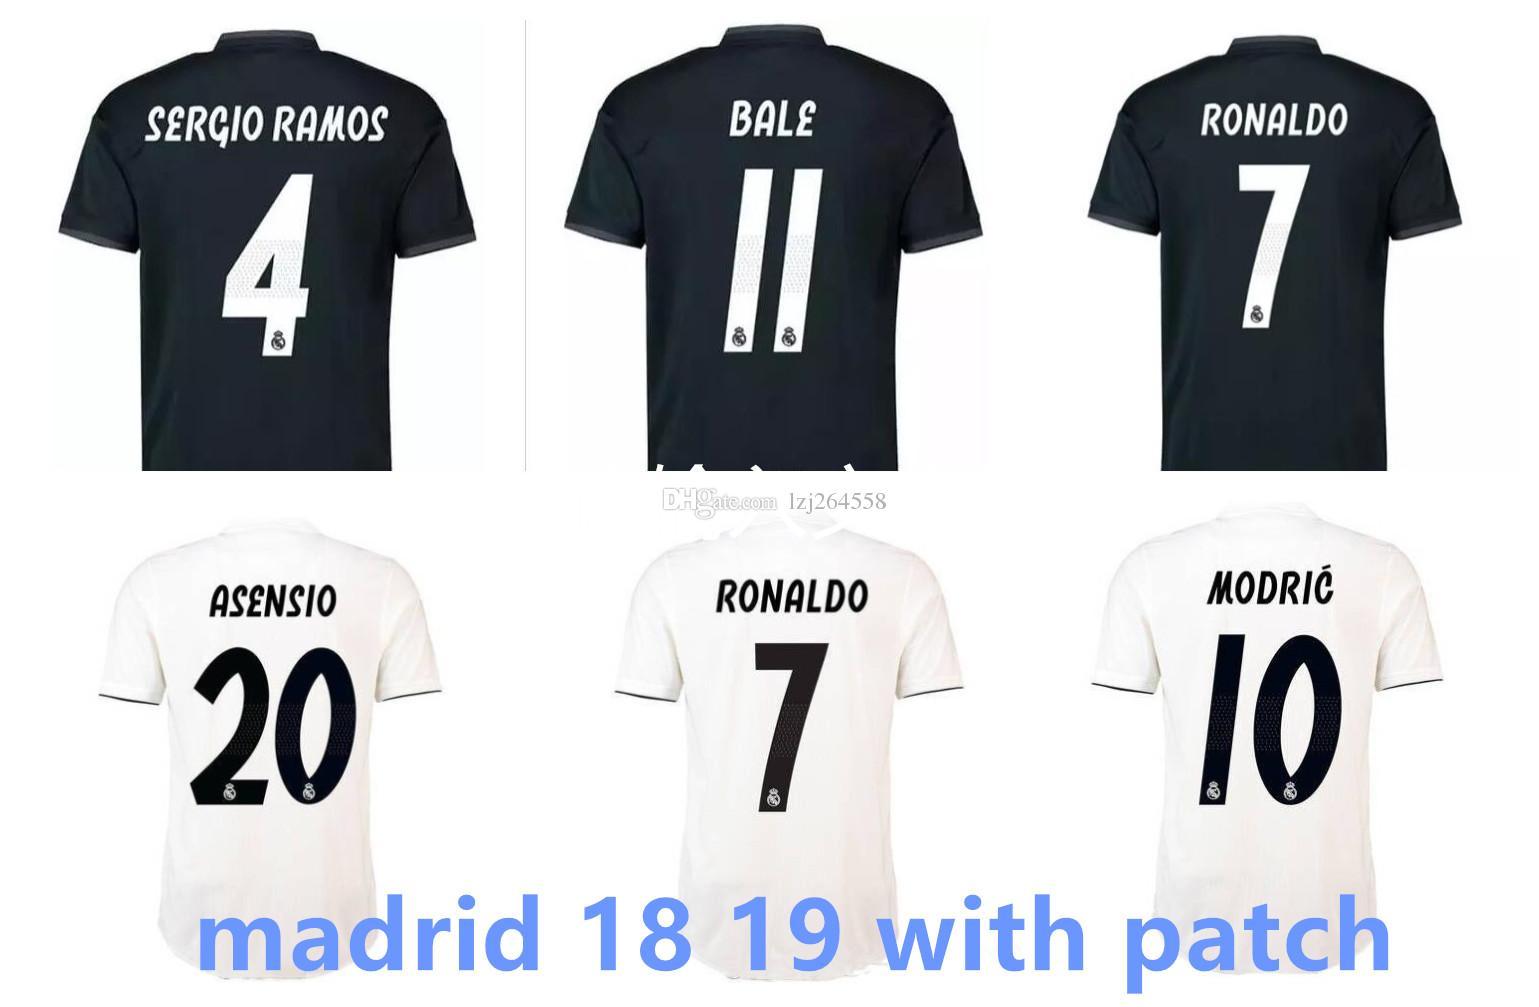 Nuevos Camisa Real Madrid 2019 Camisetas De Fútbol f14729ebb6b33